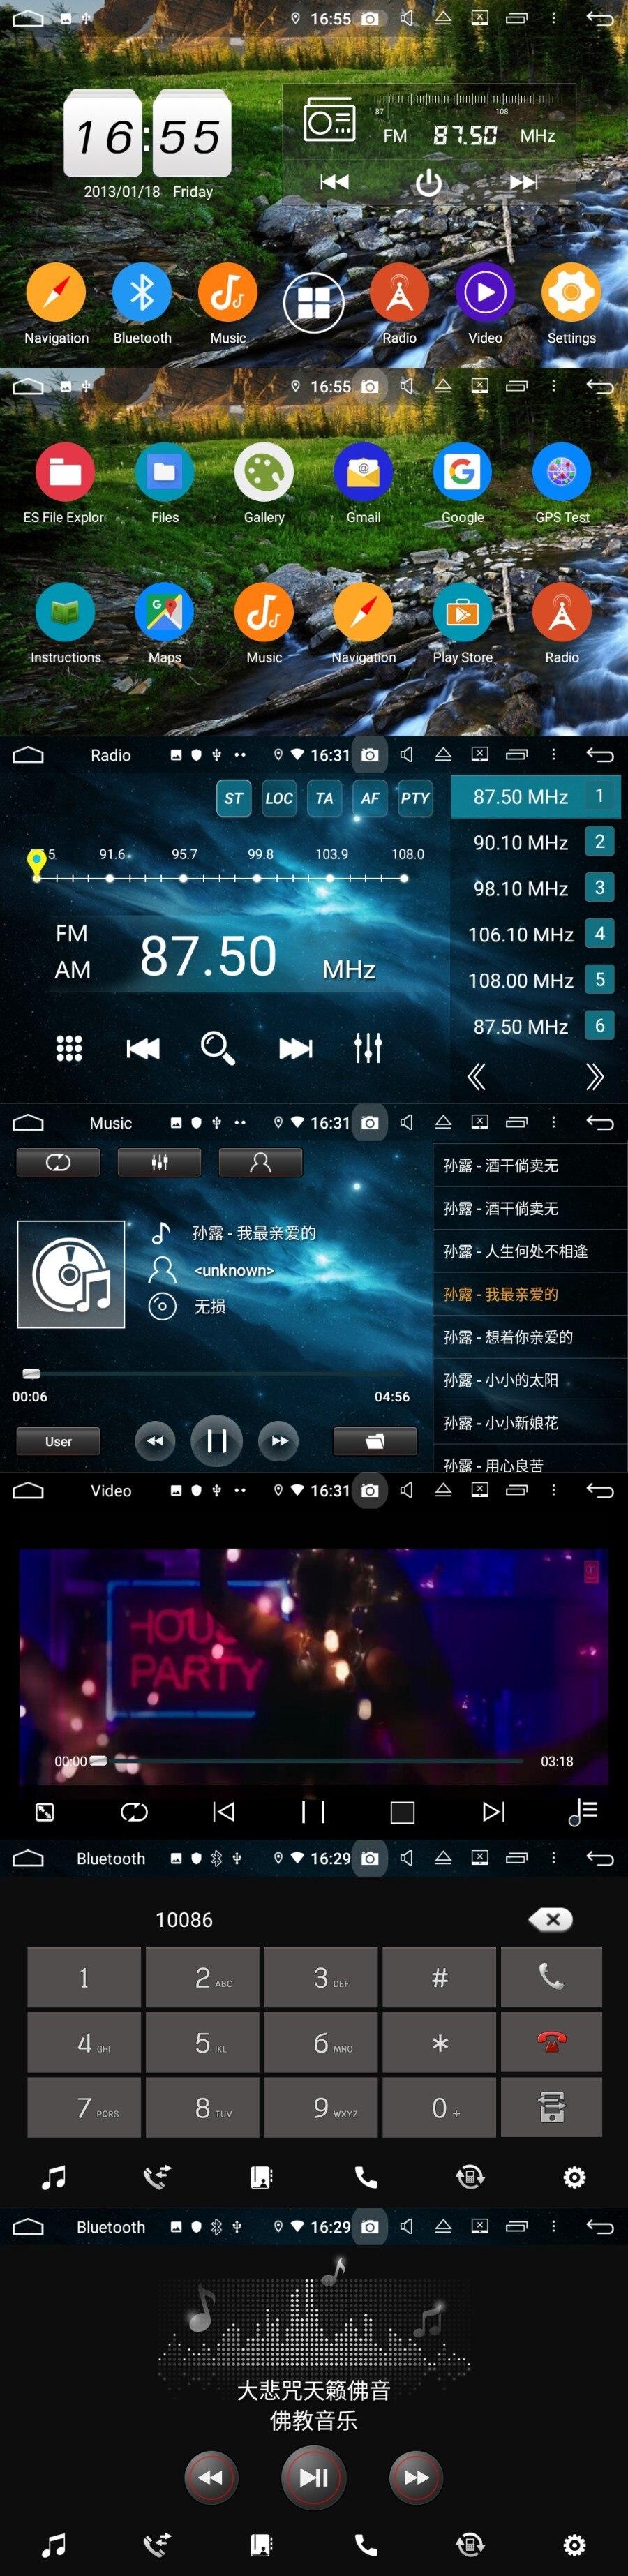 Navegação gps do tela táctil do rádio